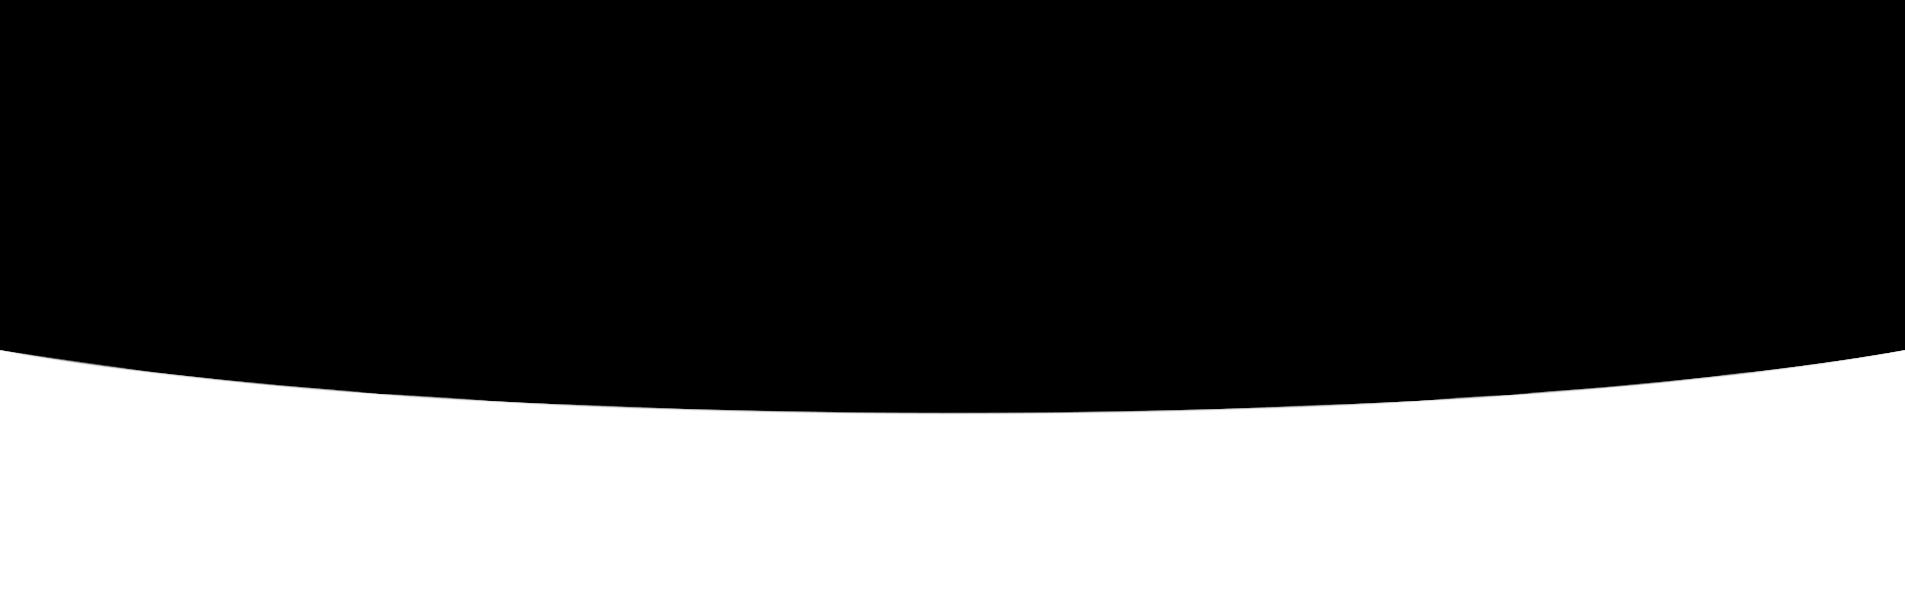 بک گراند اسلاید گرین ورلد، هویت بصری گرین ورلد، طراحی لوگو، طراحی لوگوتایپ، شرکت تبلیغاتی الف، طراحی هویت بصری